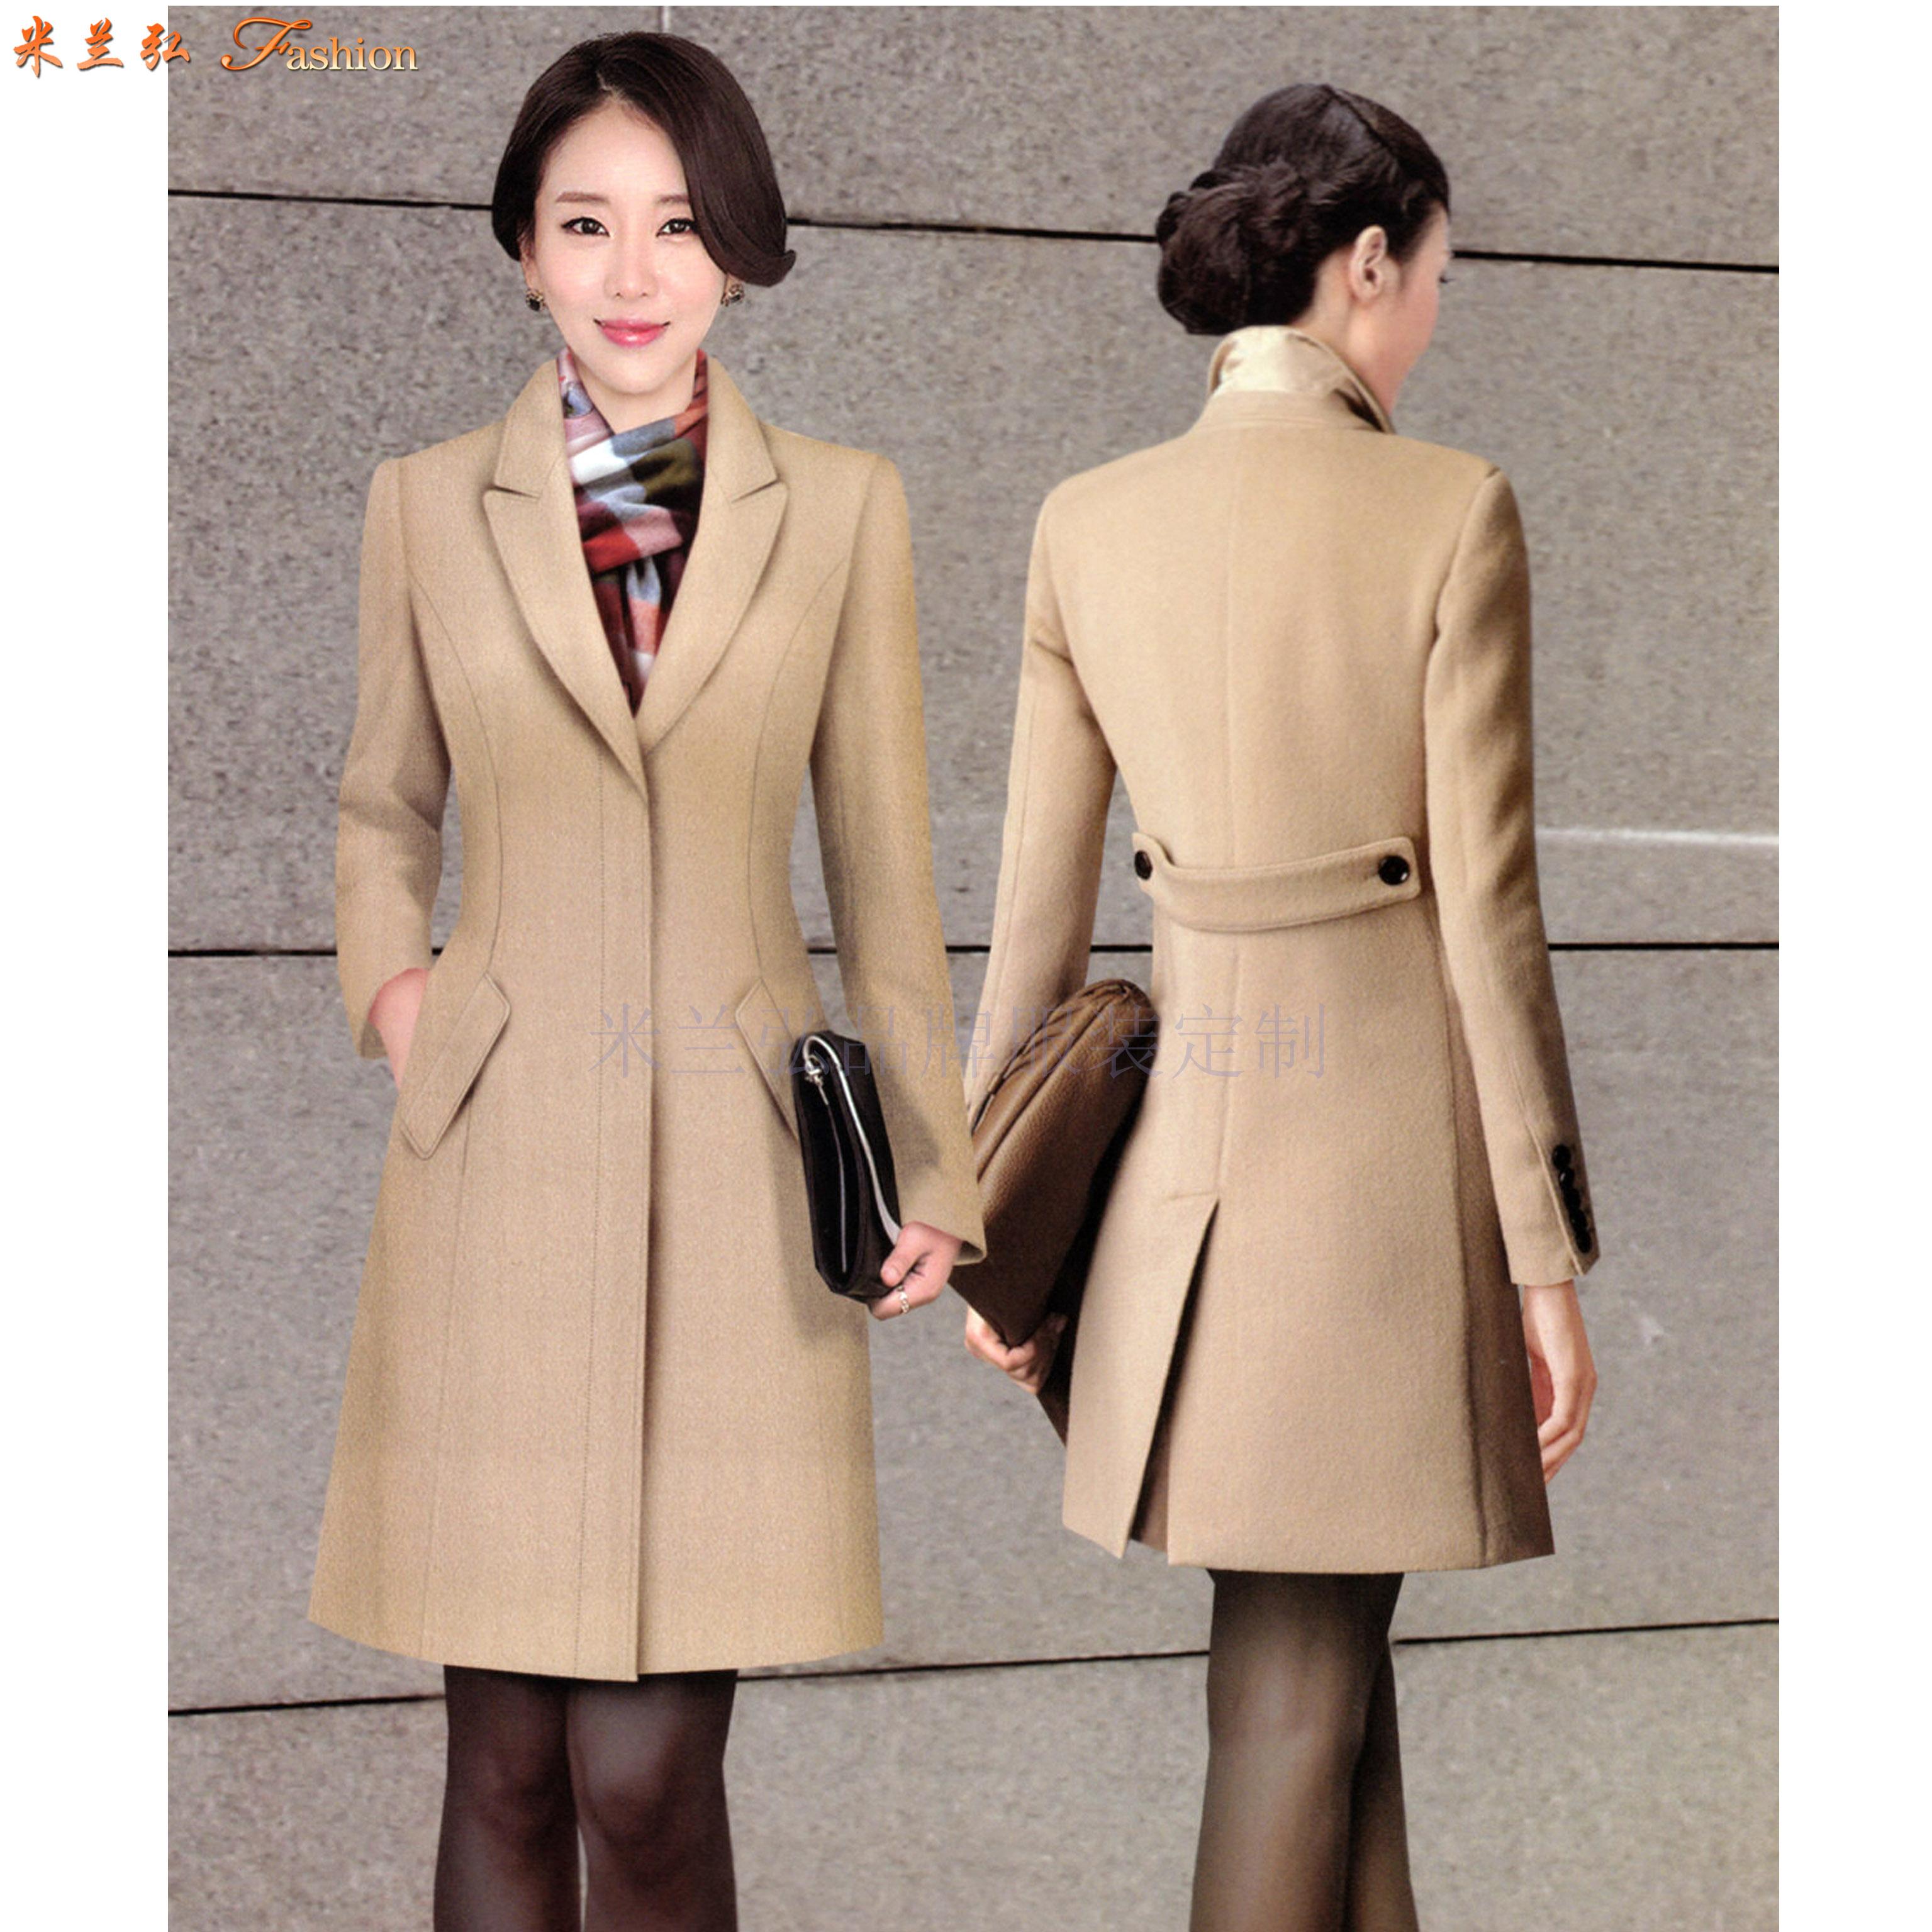 「大衣定做」量身訂制雙面呢羊毛中長款大衣-米蘭弘服裝-4